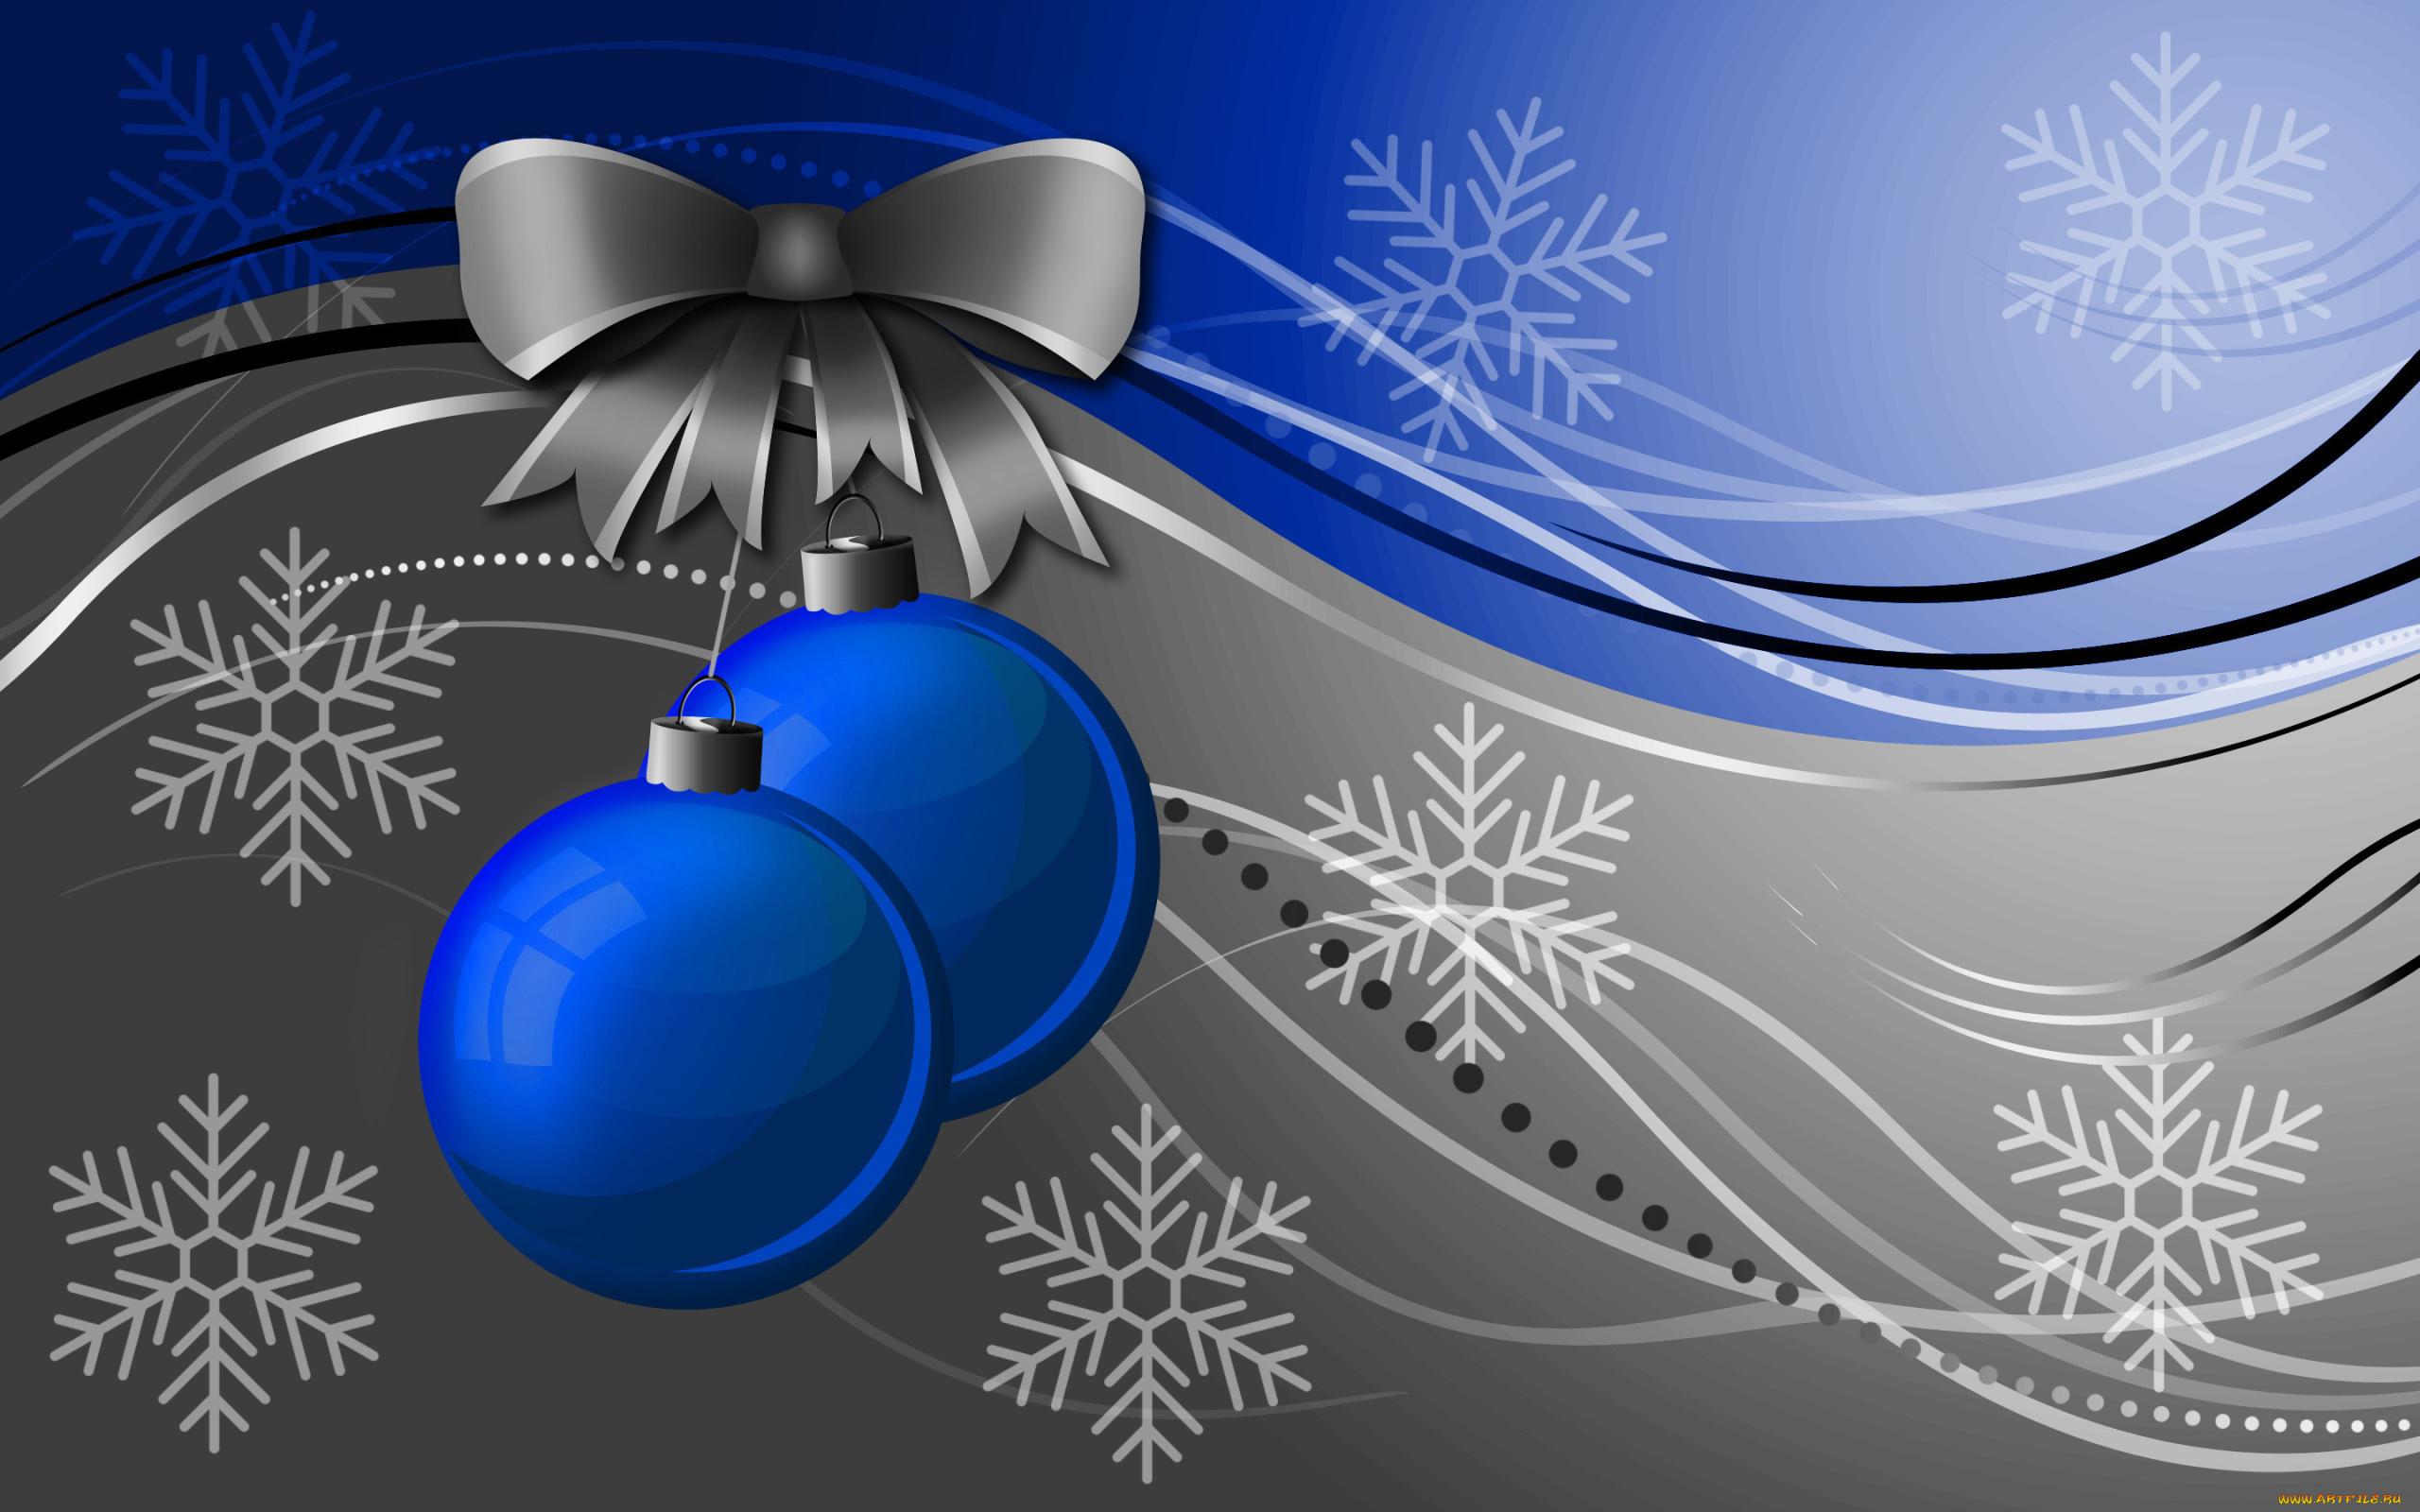 Сентября, открытка к новому году клипарт